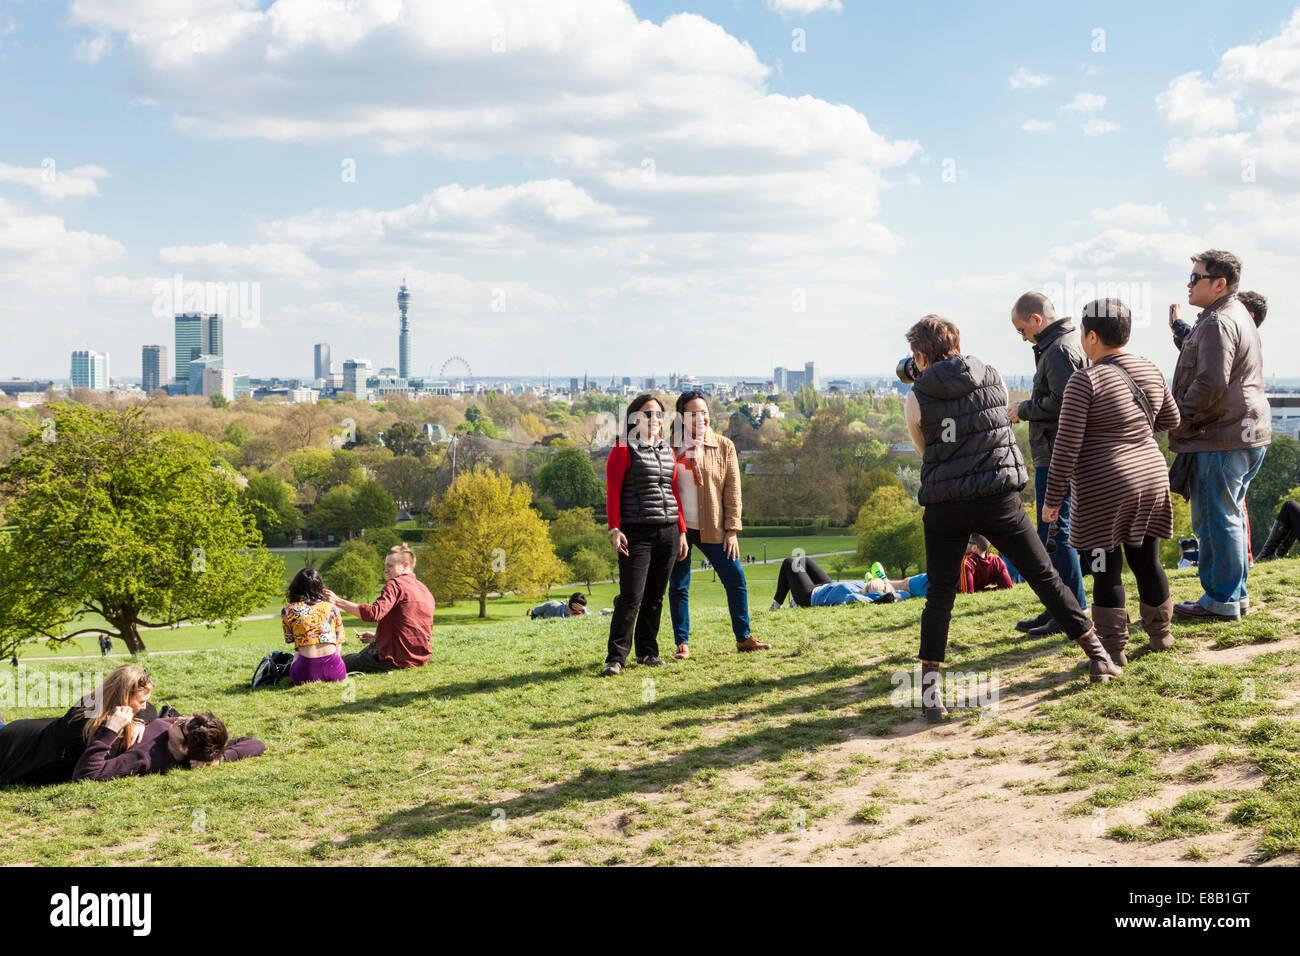 Personne photographier des amis sur Primrose Hill avec l'horizon de la ville de Londres dans la distance, England, Photo Stock